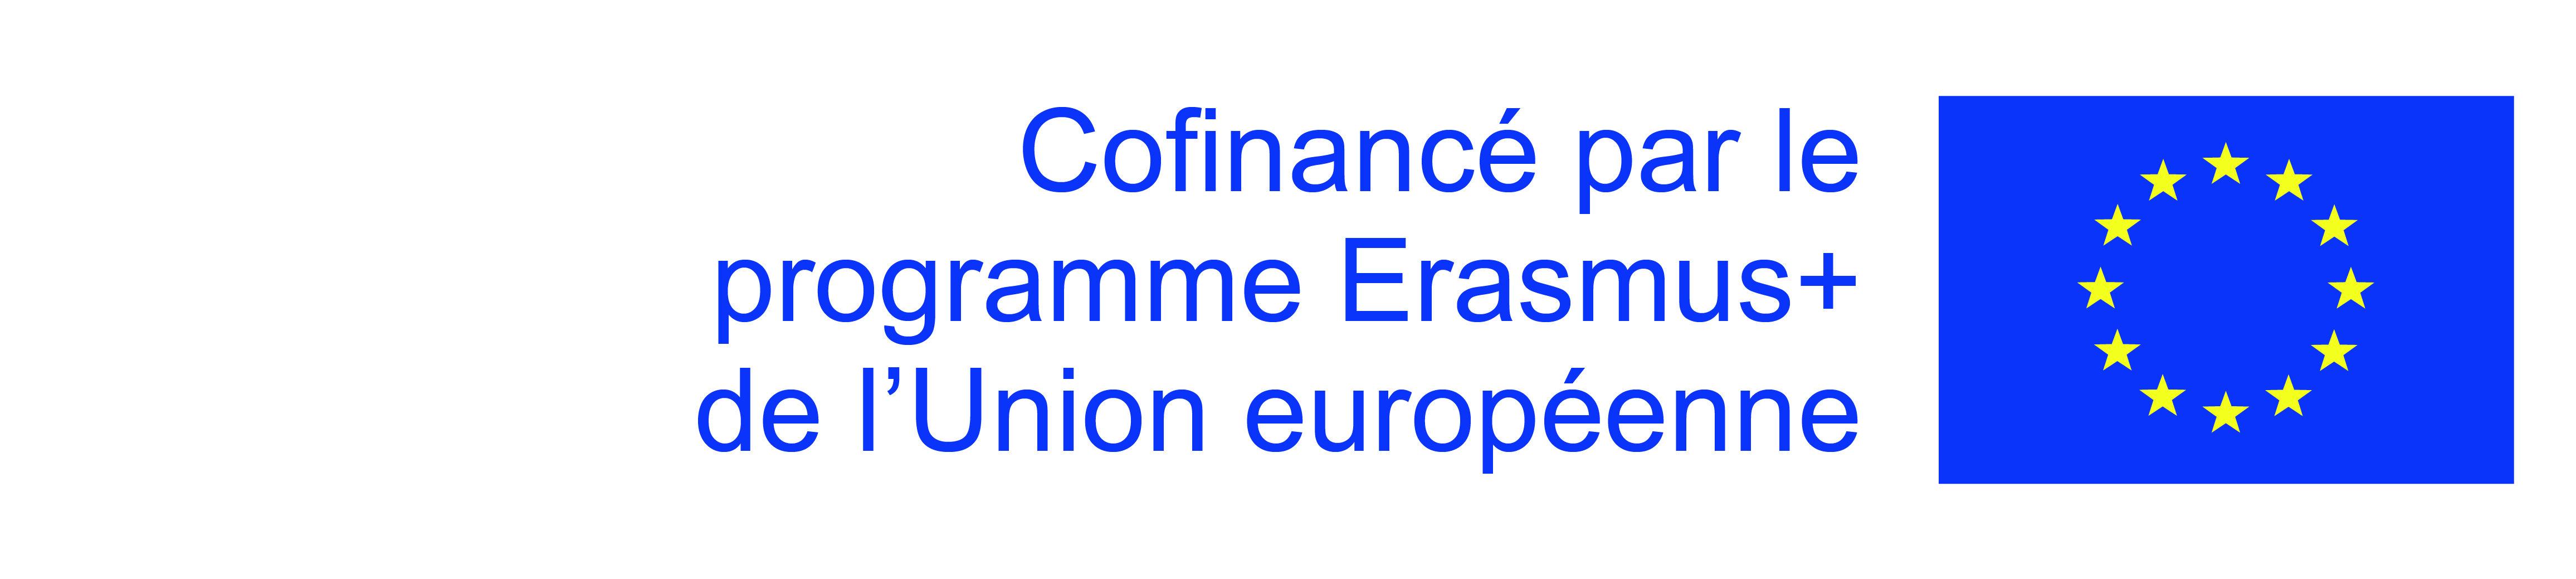 logosbeneficaireserasmusleft_fr_1.jpg